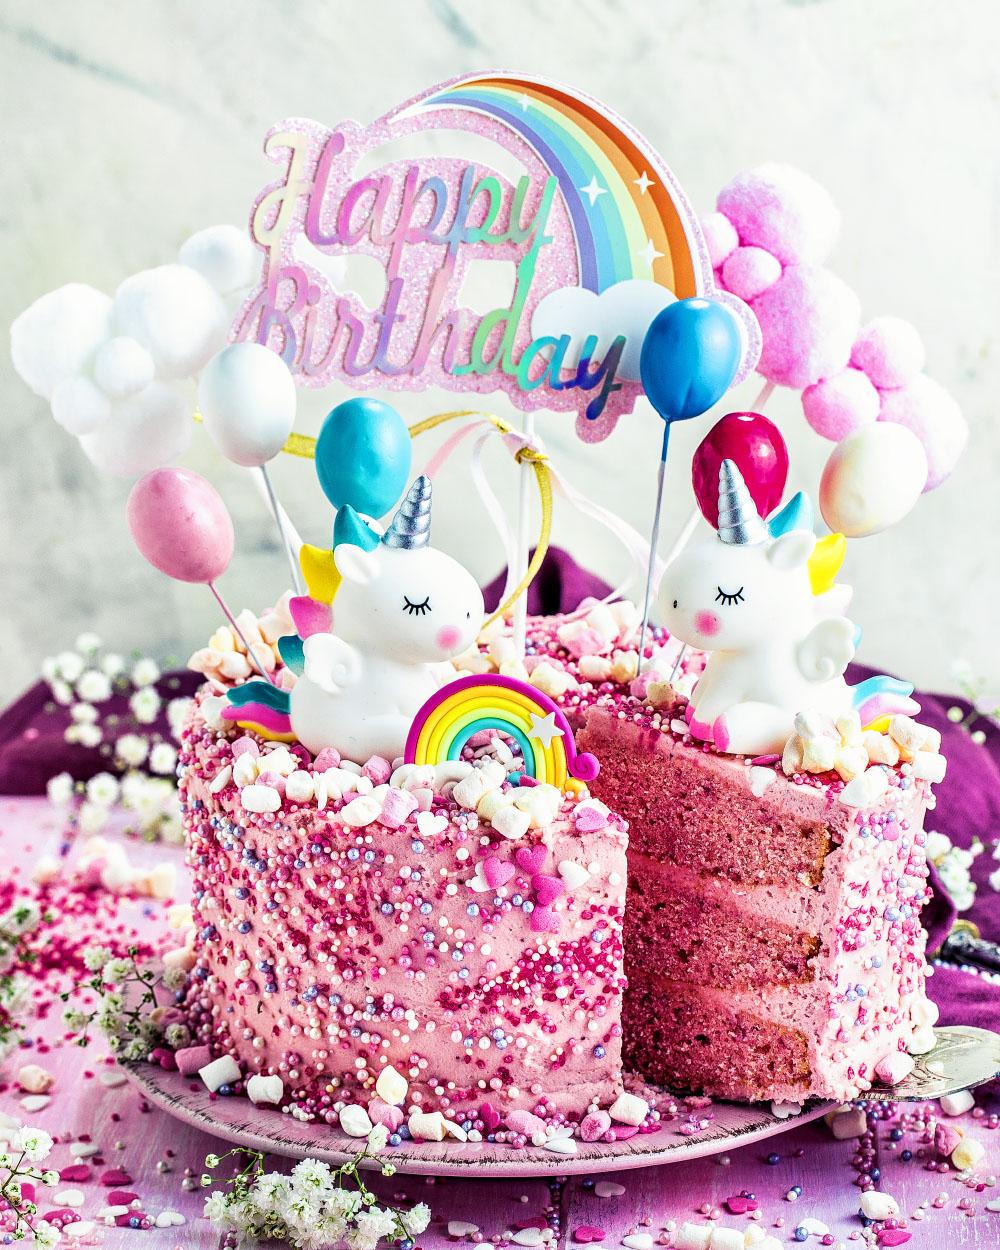 Einhorn-Torte - Einfaches Rezept Für Mädchen Geburtstagstorte über Bilder Geburtstagstorten